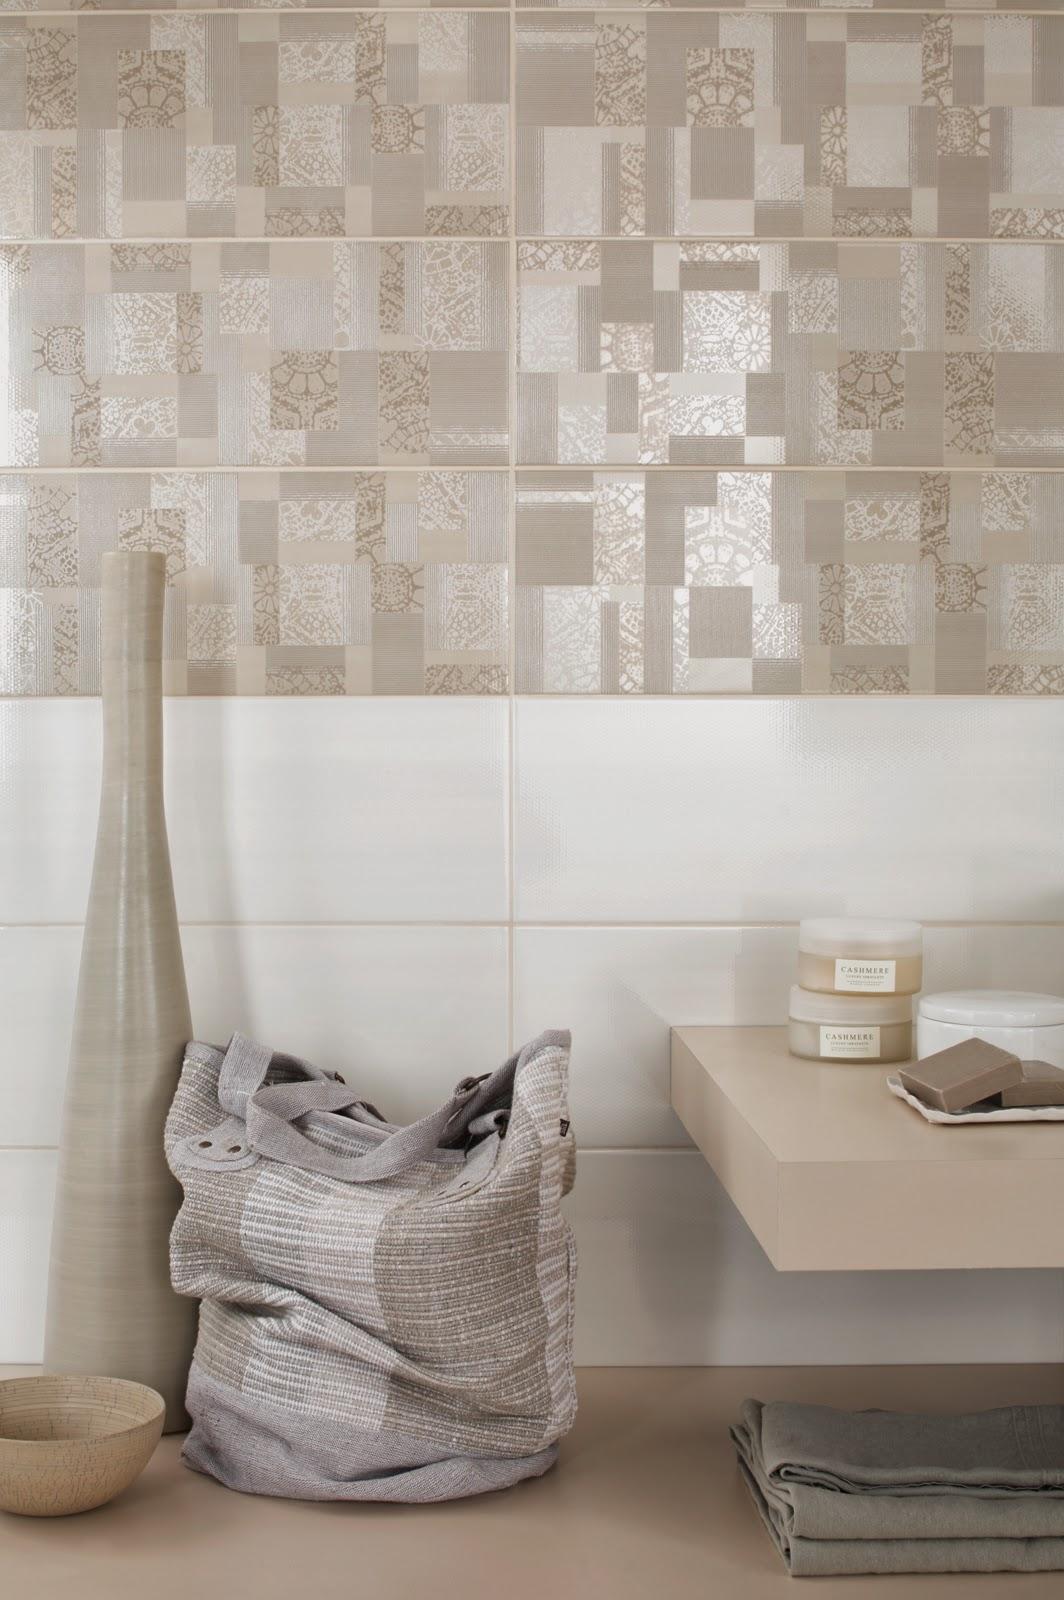 Bagno effetto mosaico piastrelle a mosaico in madreperla - Piastrelle bagno effetto mosaico ...